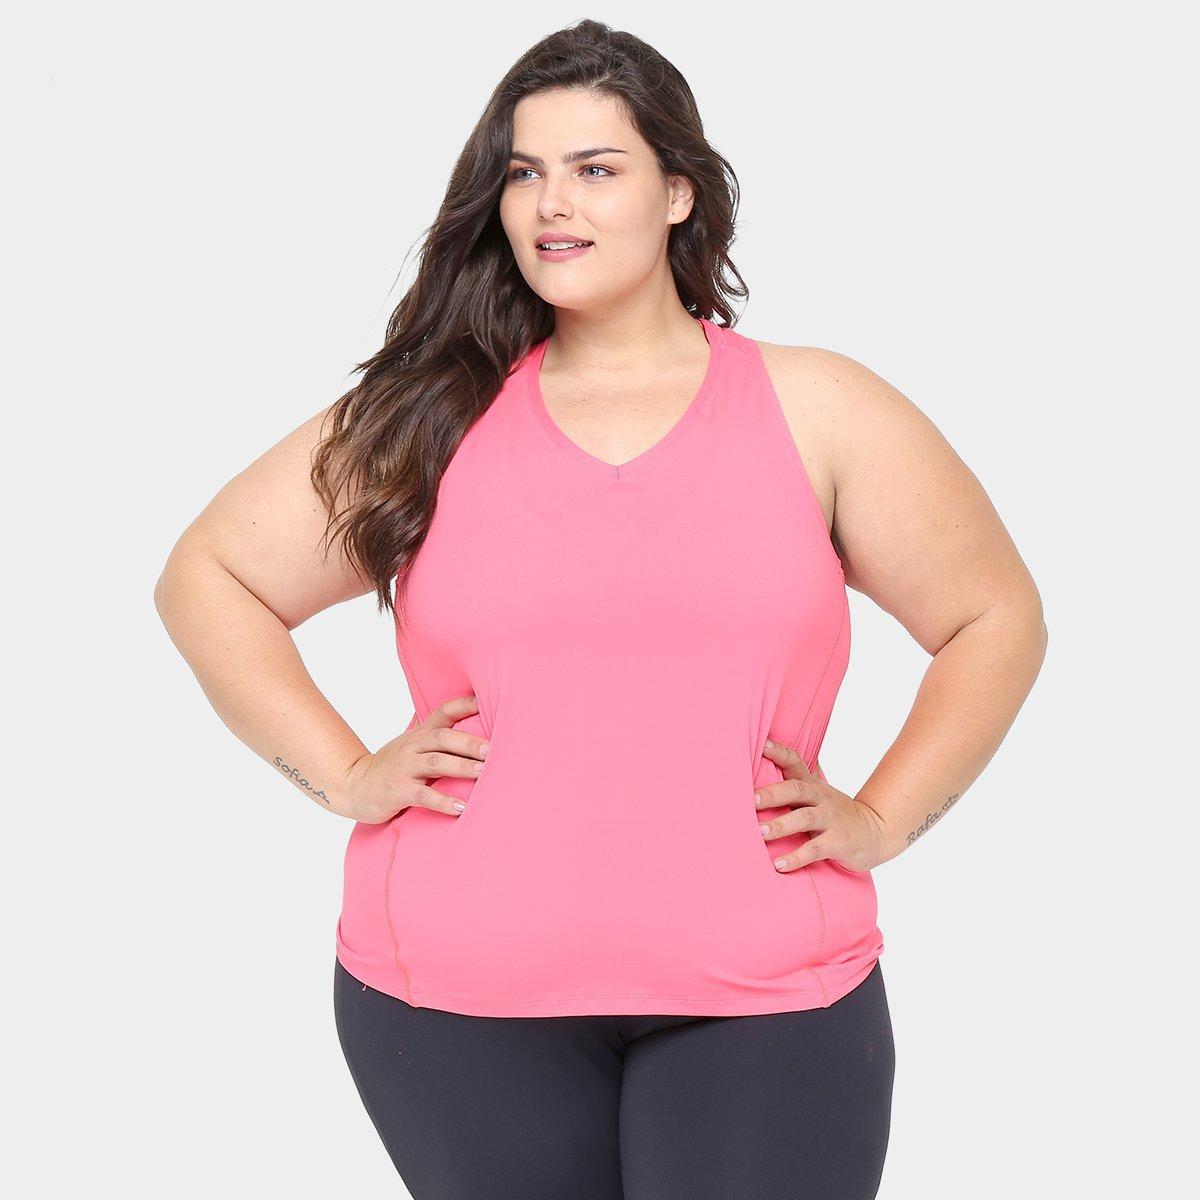 40bc9fc00d Camisetas Plus Size Regata Plus Size GONEW Feminina